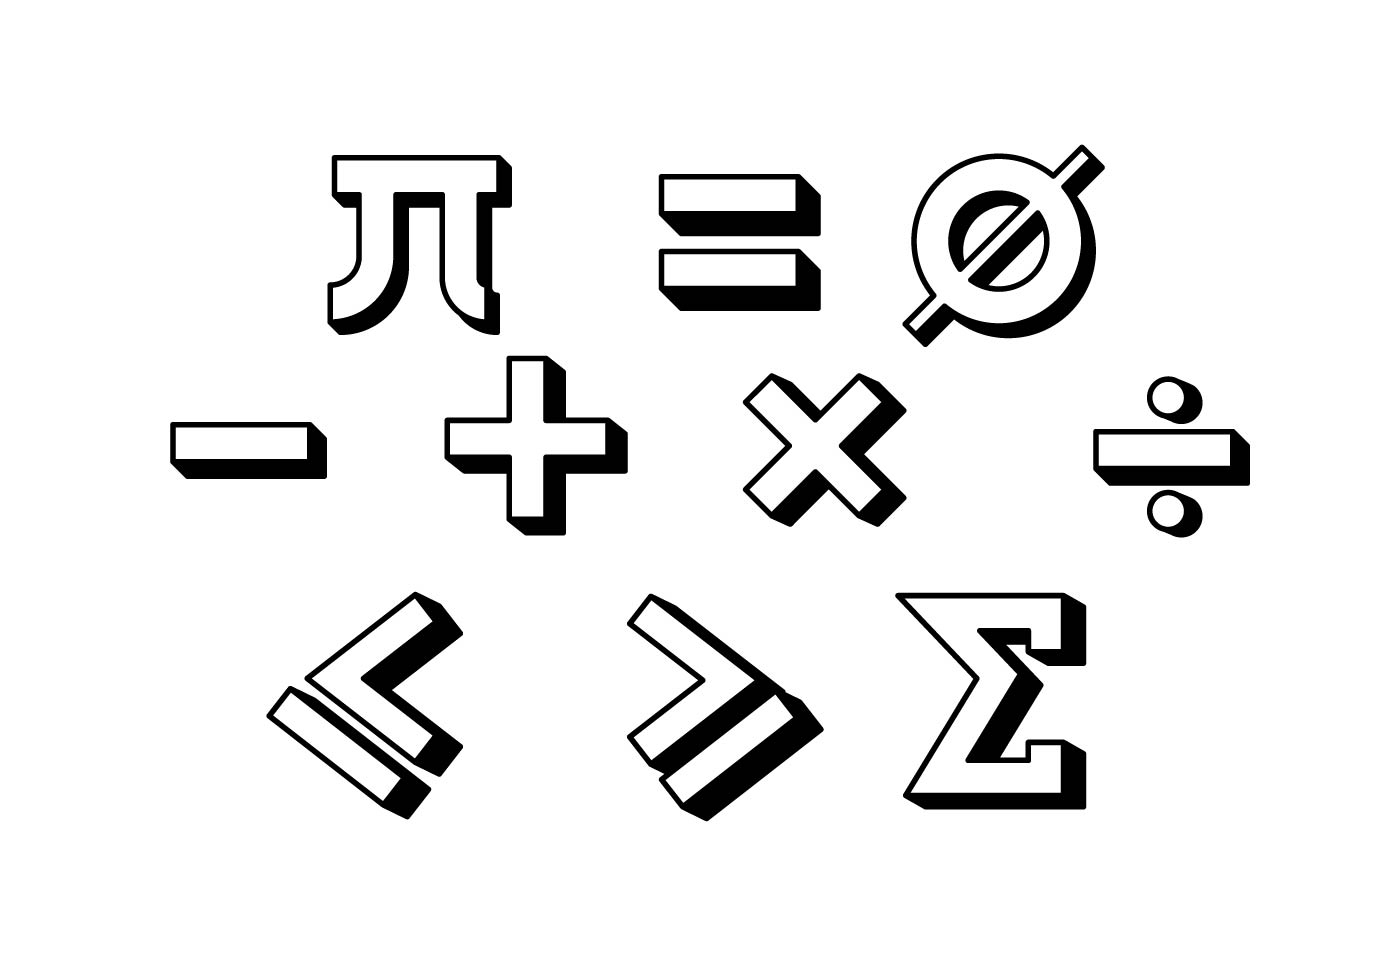 Free Math Symbol Vector - Download Free Vectors, Clipart ...